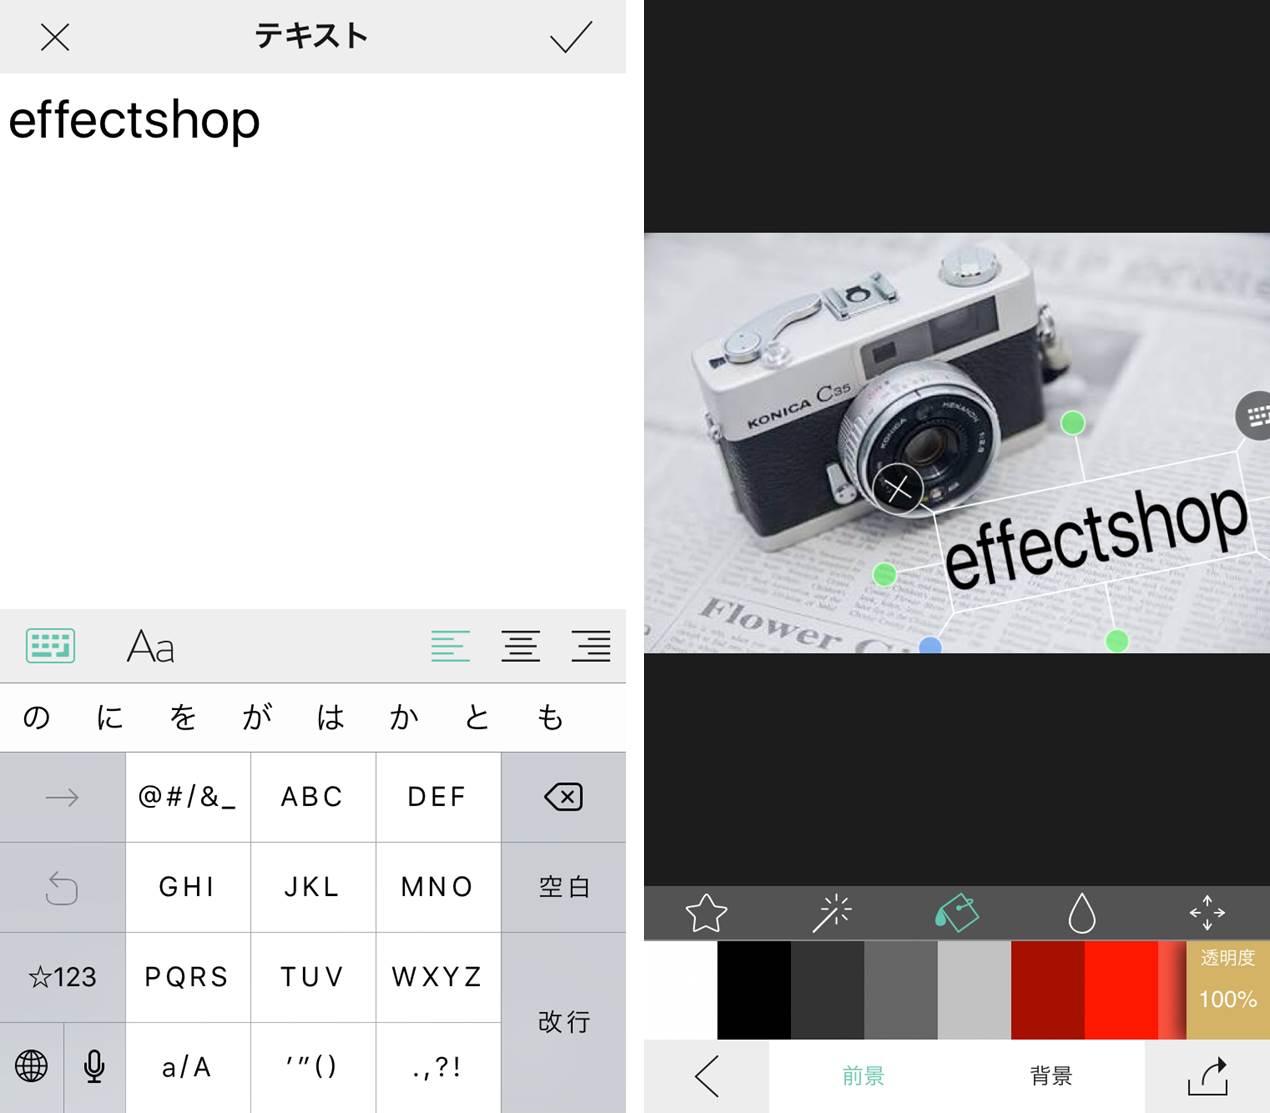 Effectshop-文字入れ